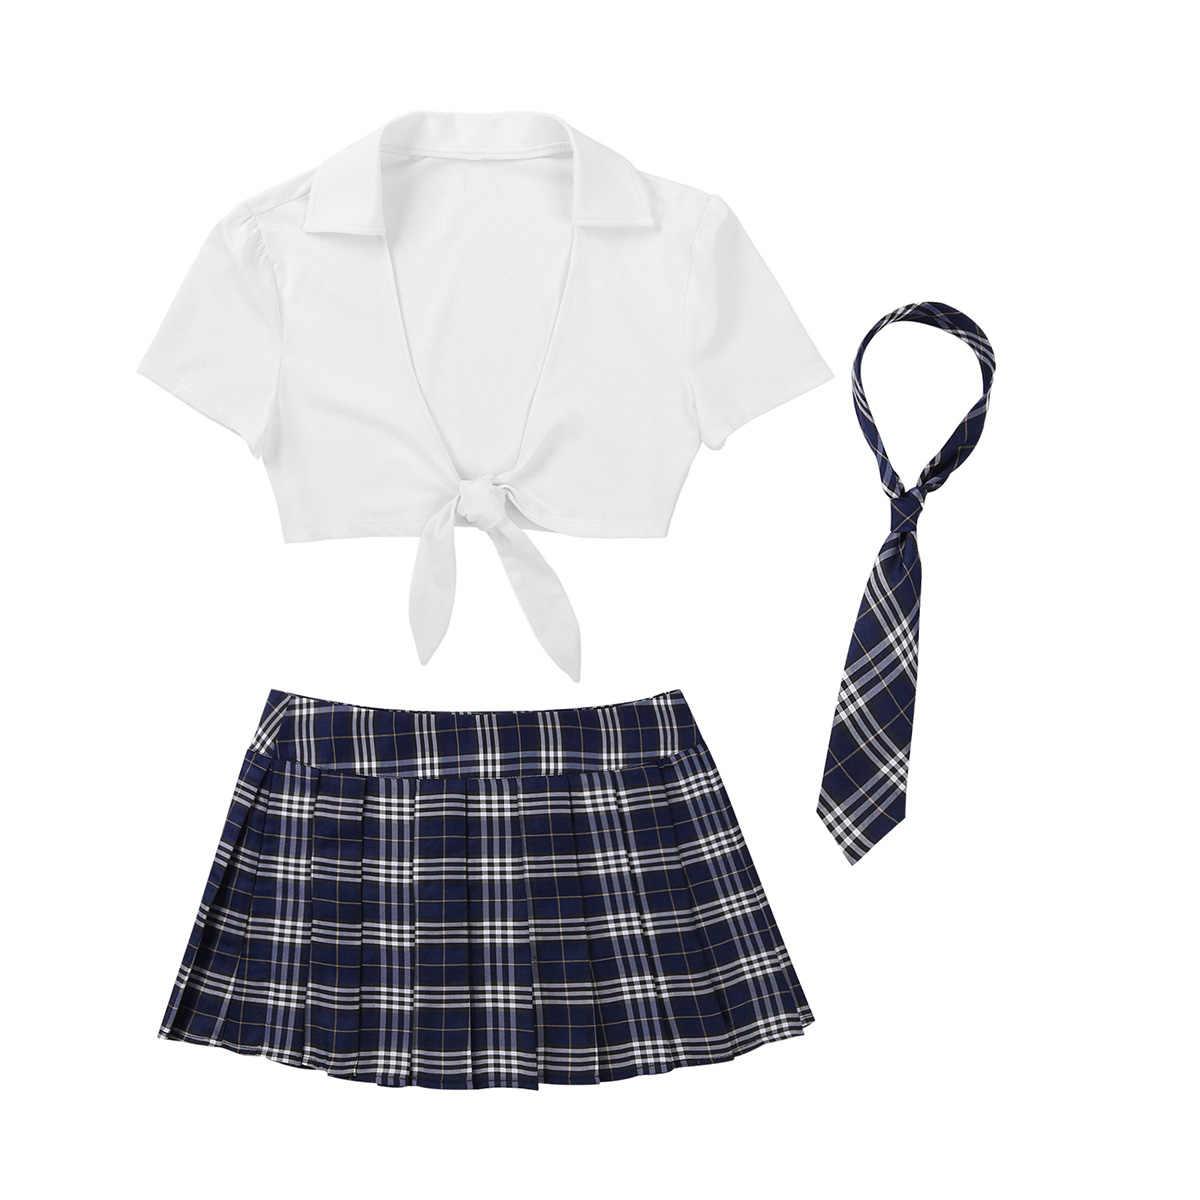 Conjunto de ropa interior para mujer, uniforme escolar, fantasía Sexy, ropa de Club elegante, conjunto de lencería para chica con Mini falda escocesa plisada